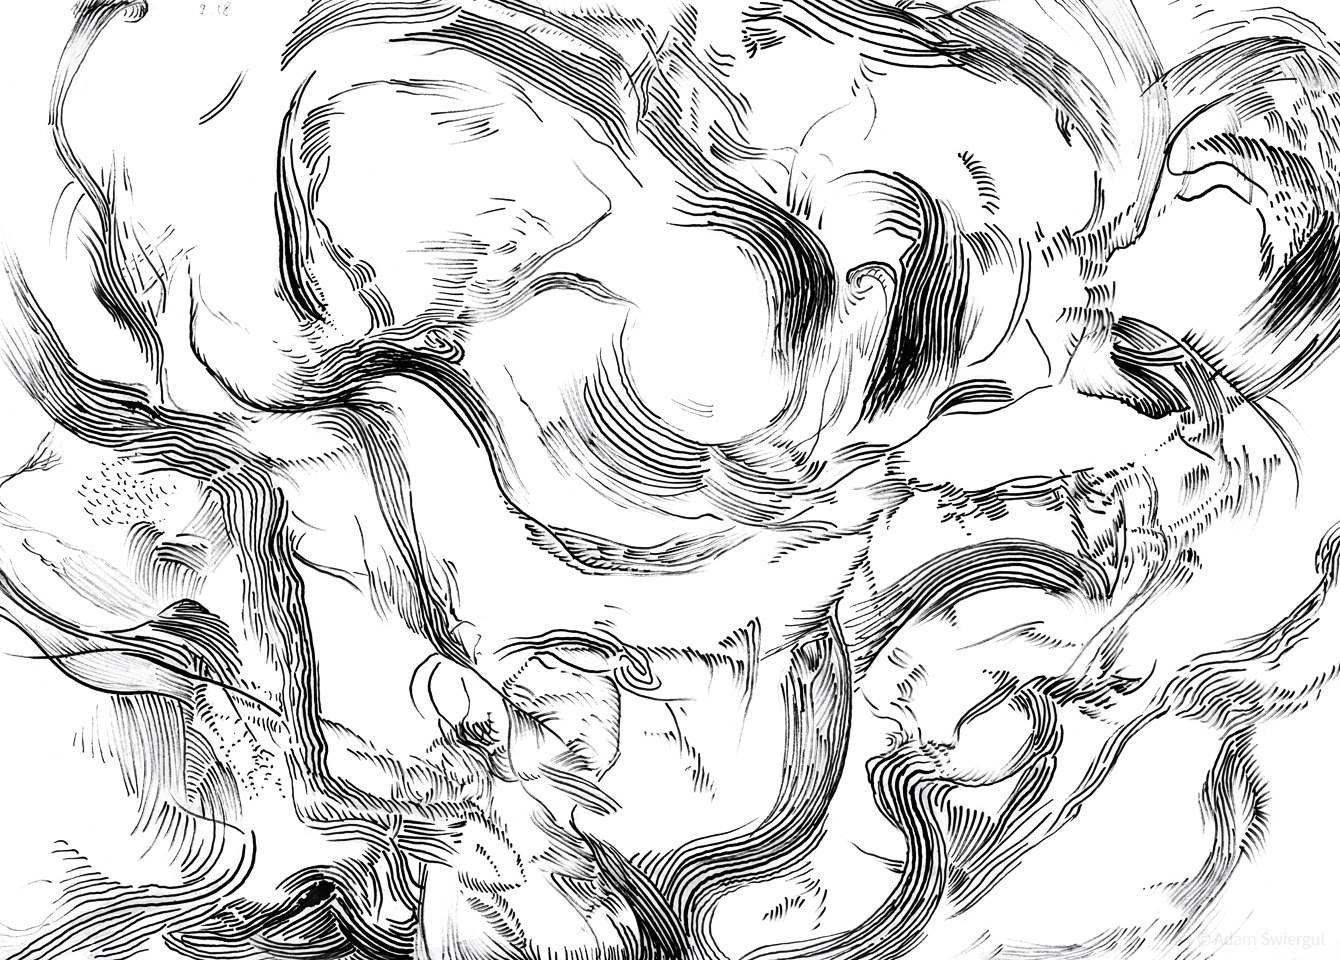 09.18 abstrakcja 2015